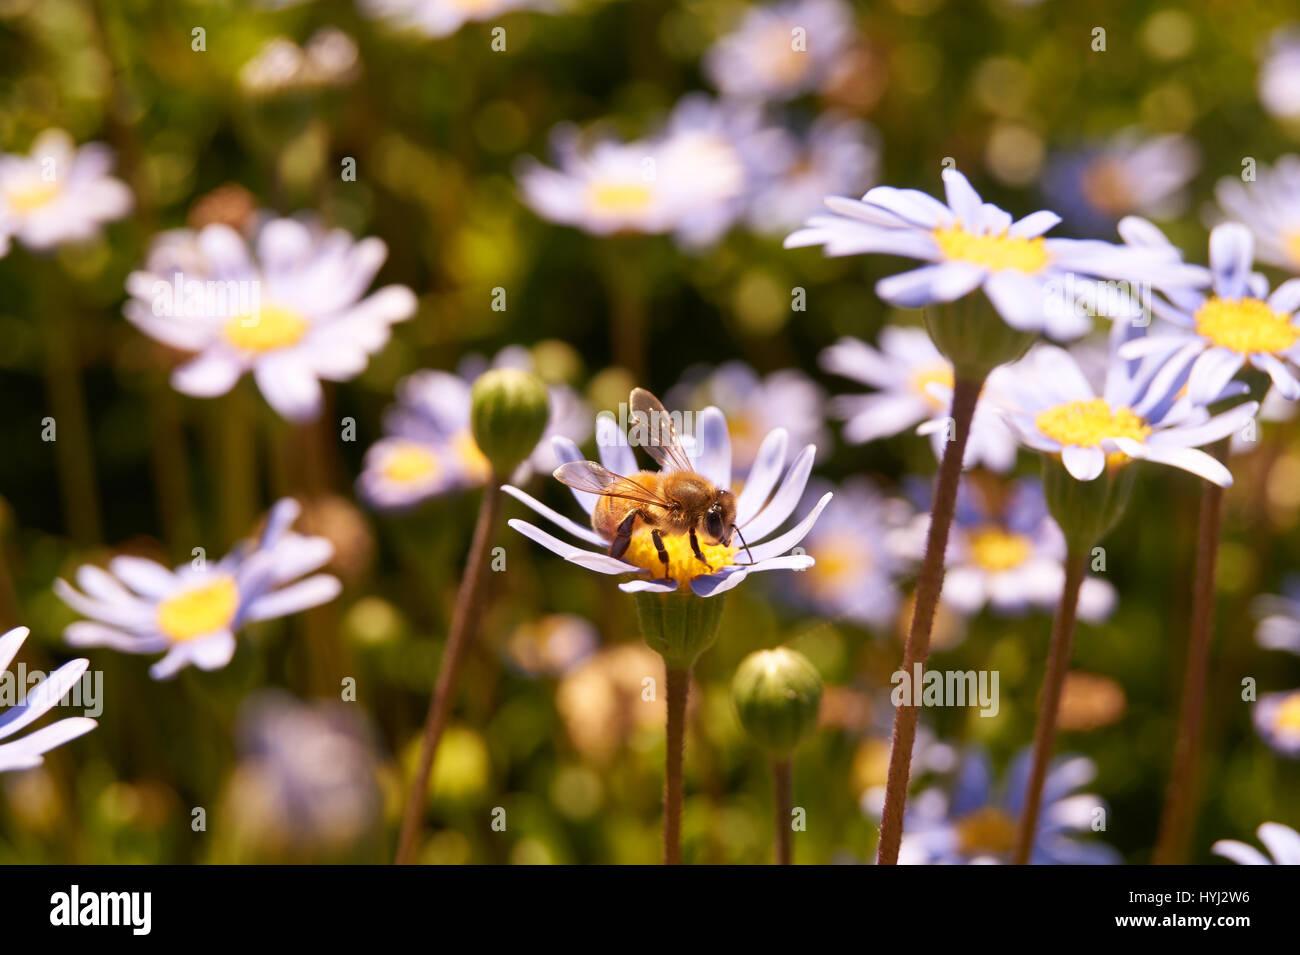 Close up of bee sur la marguerite Photo Stock